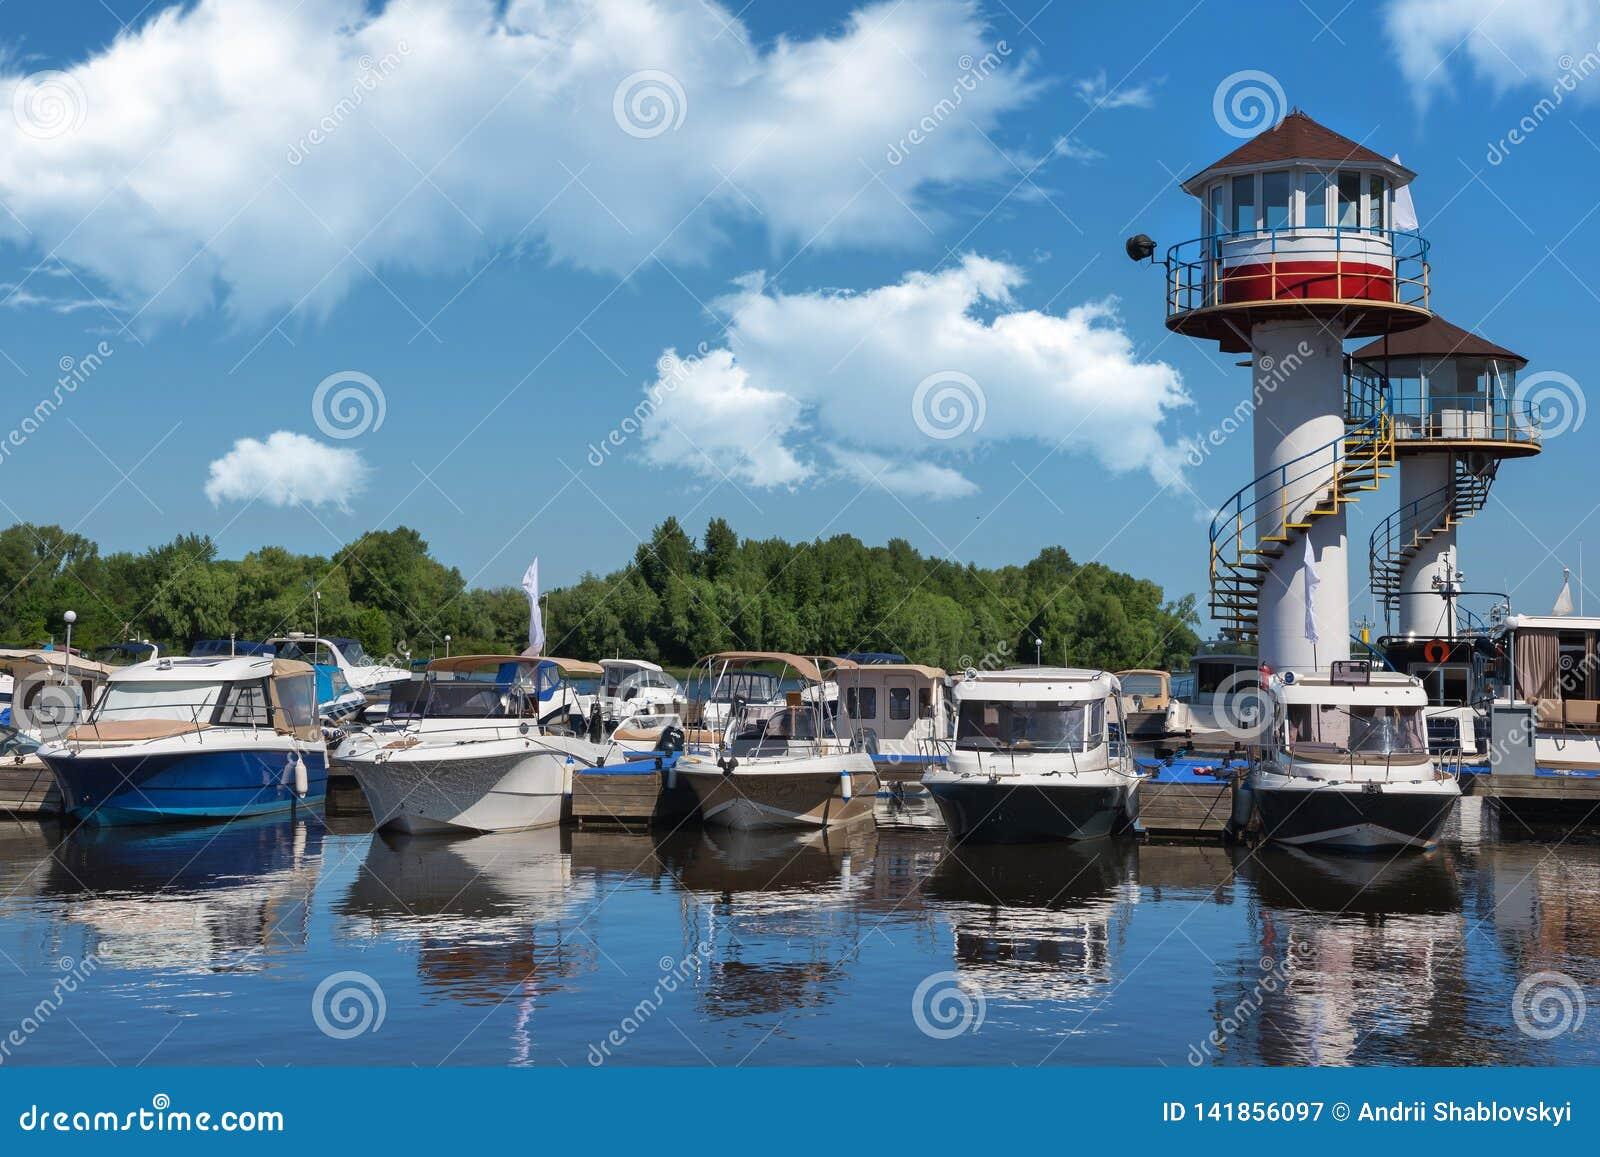 Kiev, Ucrania - 1 de junio de 2018: Yates atracados en puerto de la ciudad aparcamiento del río de los barcos de motor modernos